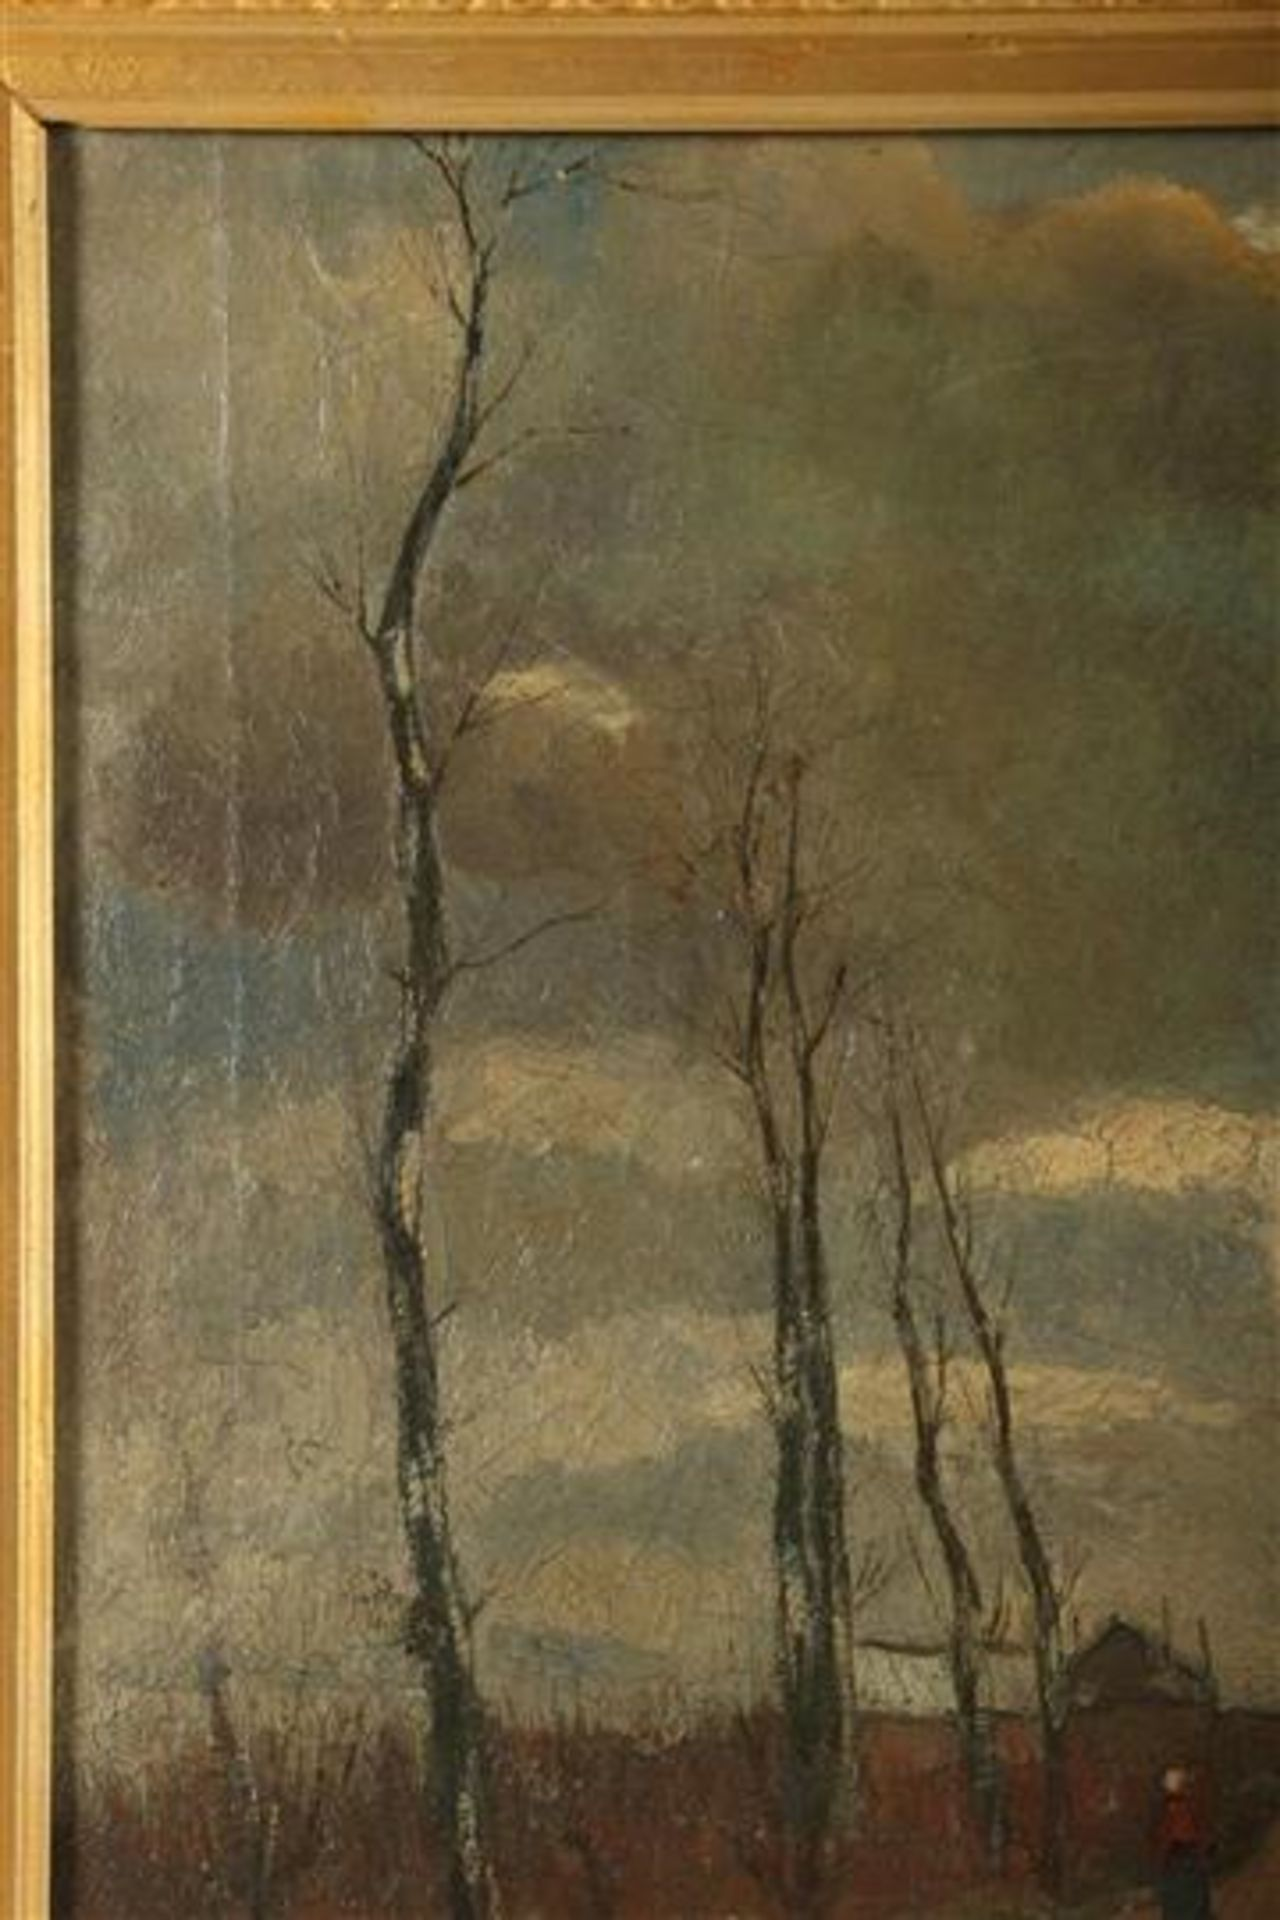 Los 57 - Dirk Roggeveen (1872-1955) Schilderij, olieverf op doek 'Dorpsgezicht', gedateerd 1908. HxB: 44 x 63